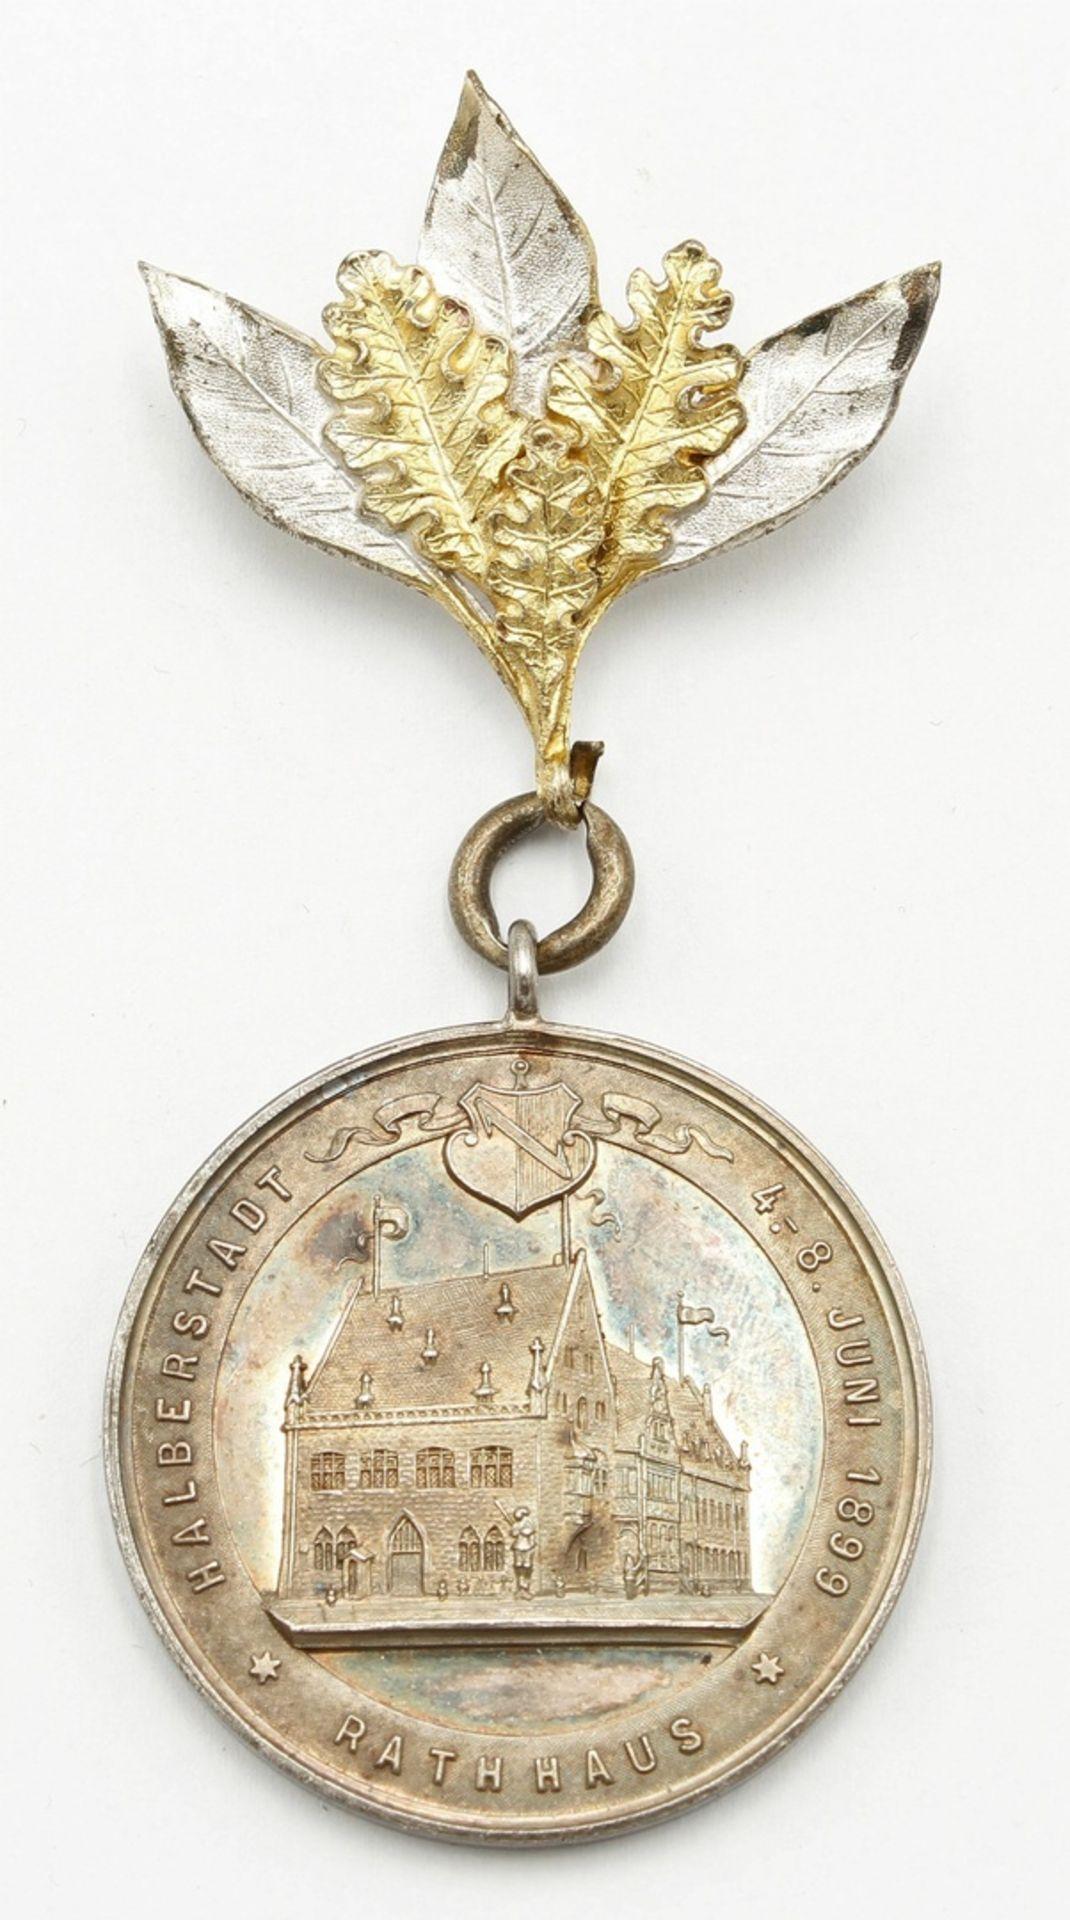 Medaille Halberstadt, 18. Sächs. Provinzial-Bundesschiessen, 1899